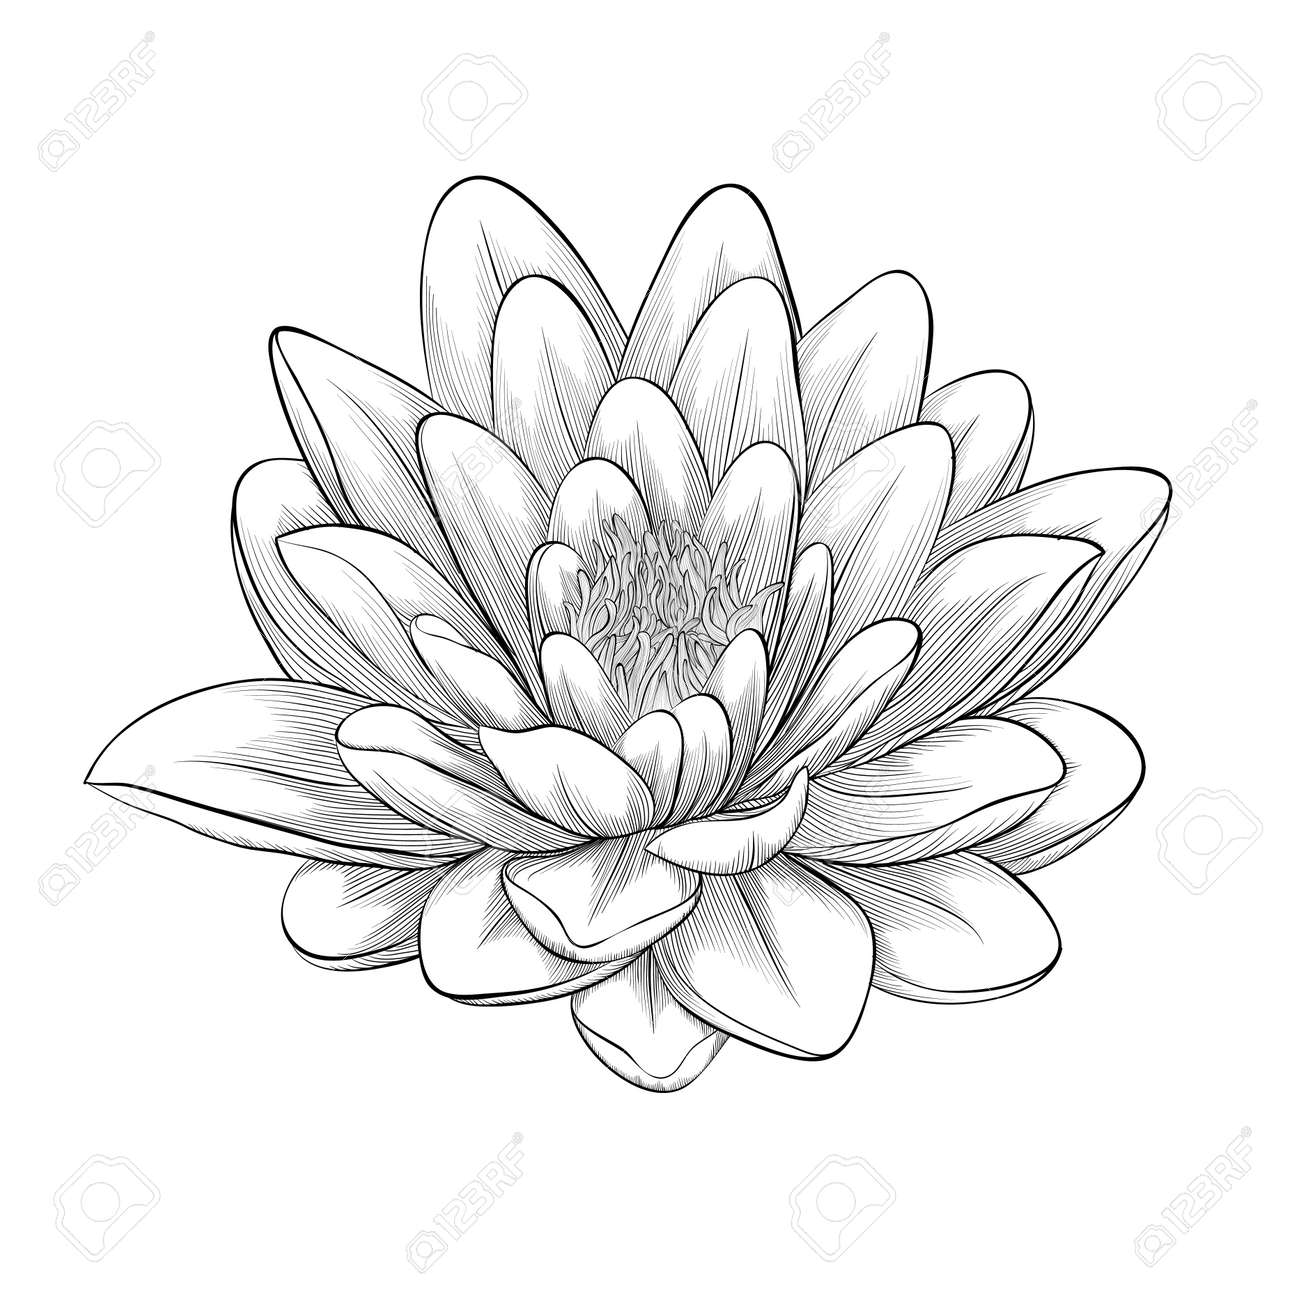 Belle Monochrome En Noir Et Blanc Fleur De Lotus Peint En Style Graphique Isolé Sur Fond Blanc